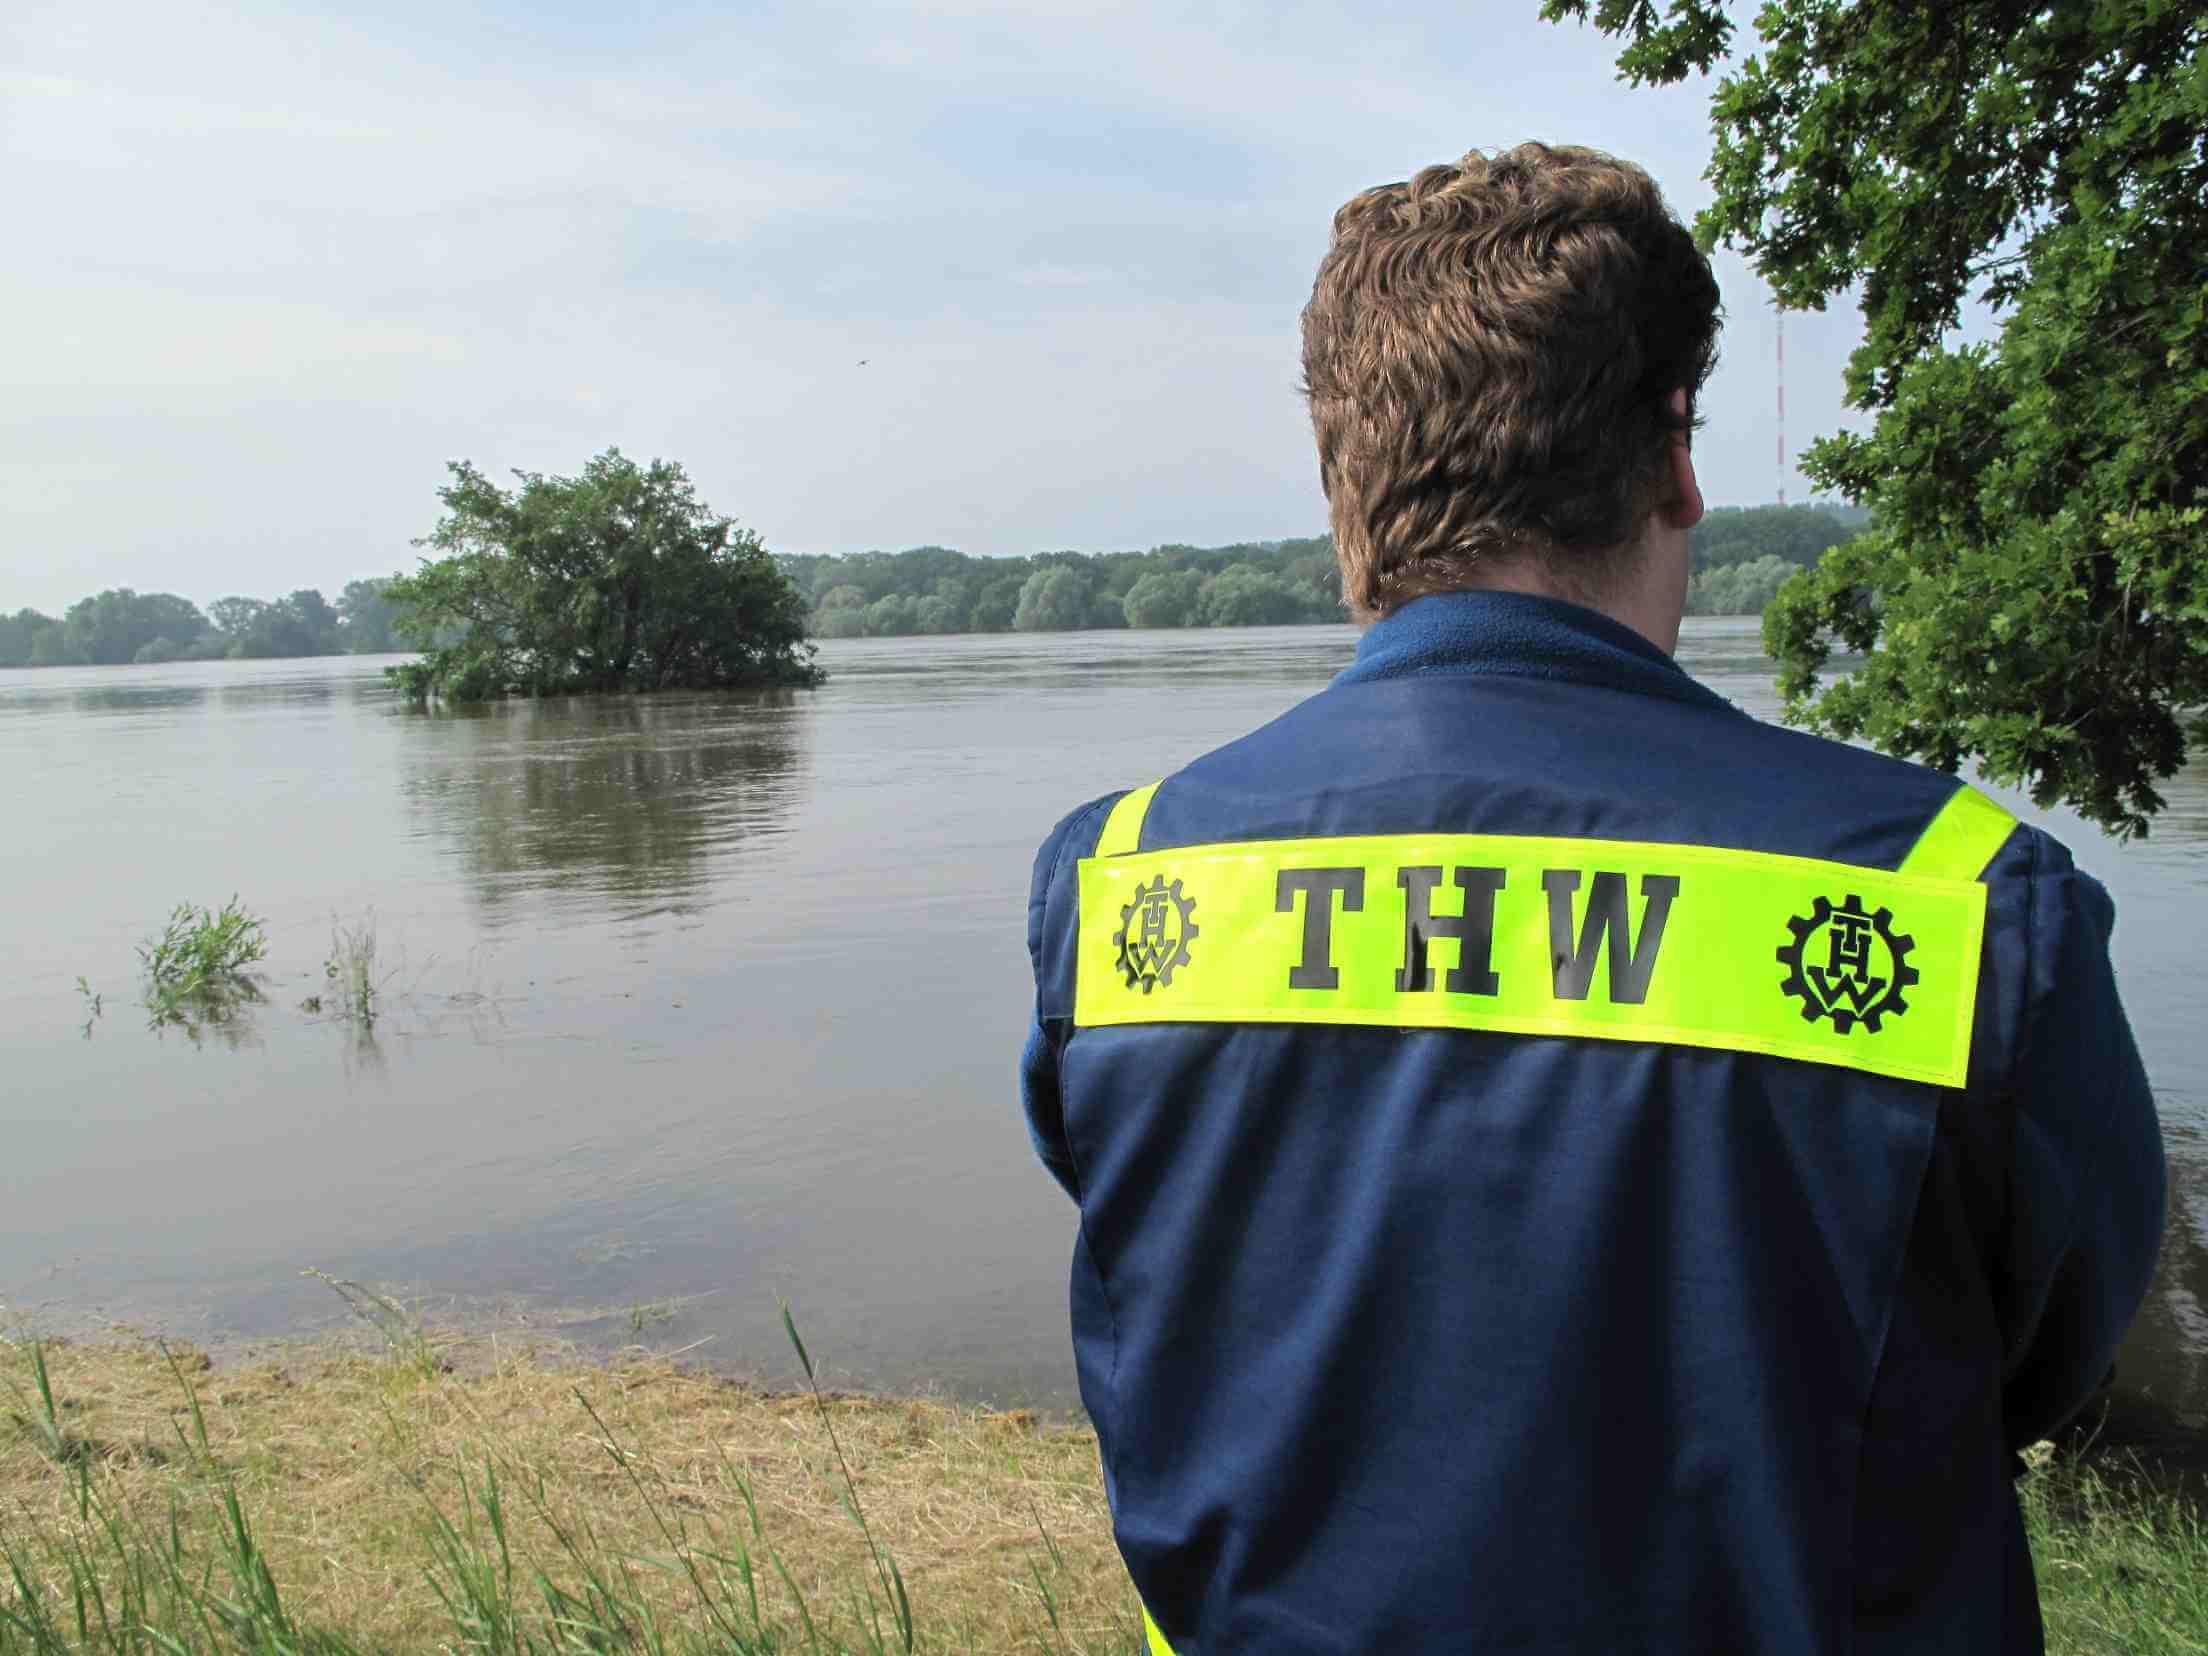 Säcke fülle, Wasser pumpen, Deich sprengen: THW Steglitz-Zehlendorf im Hochwassereinsatz